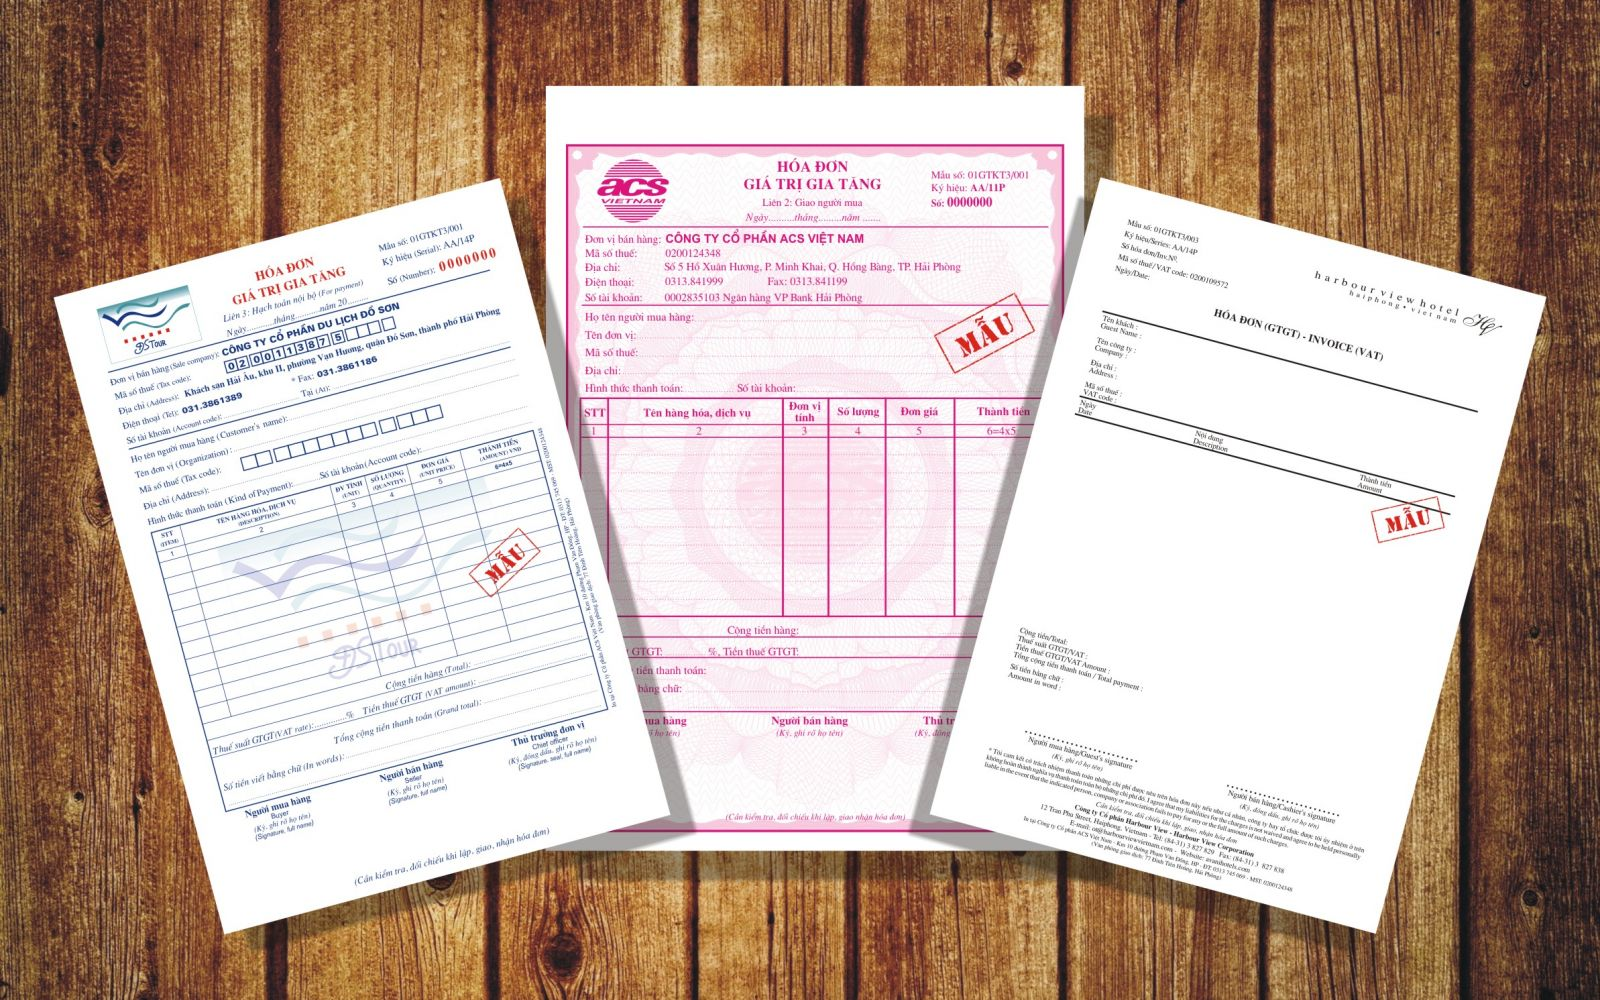 Dùng hóa đơn bất hợp pháp – Bất hợp pháp hóa đơn và mức xử phạt